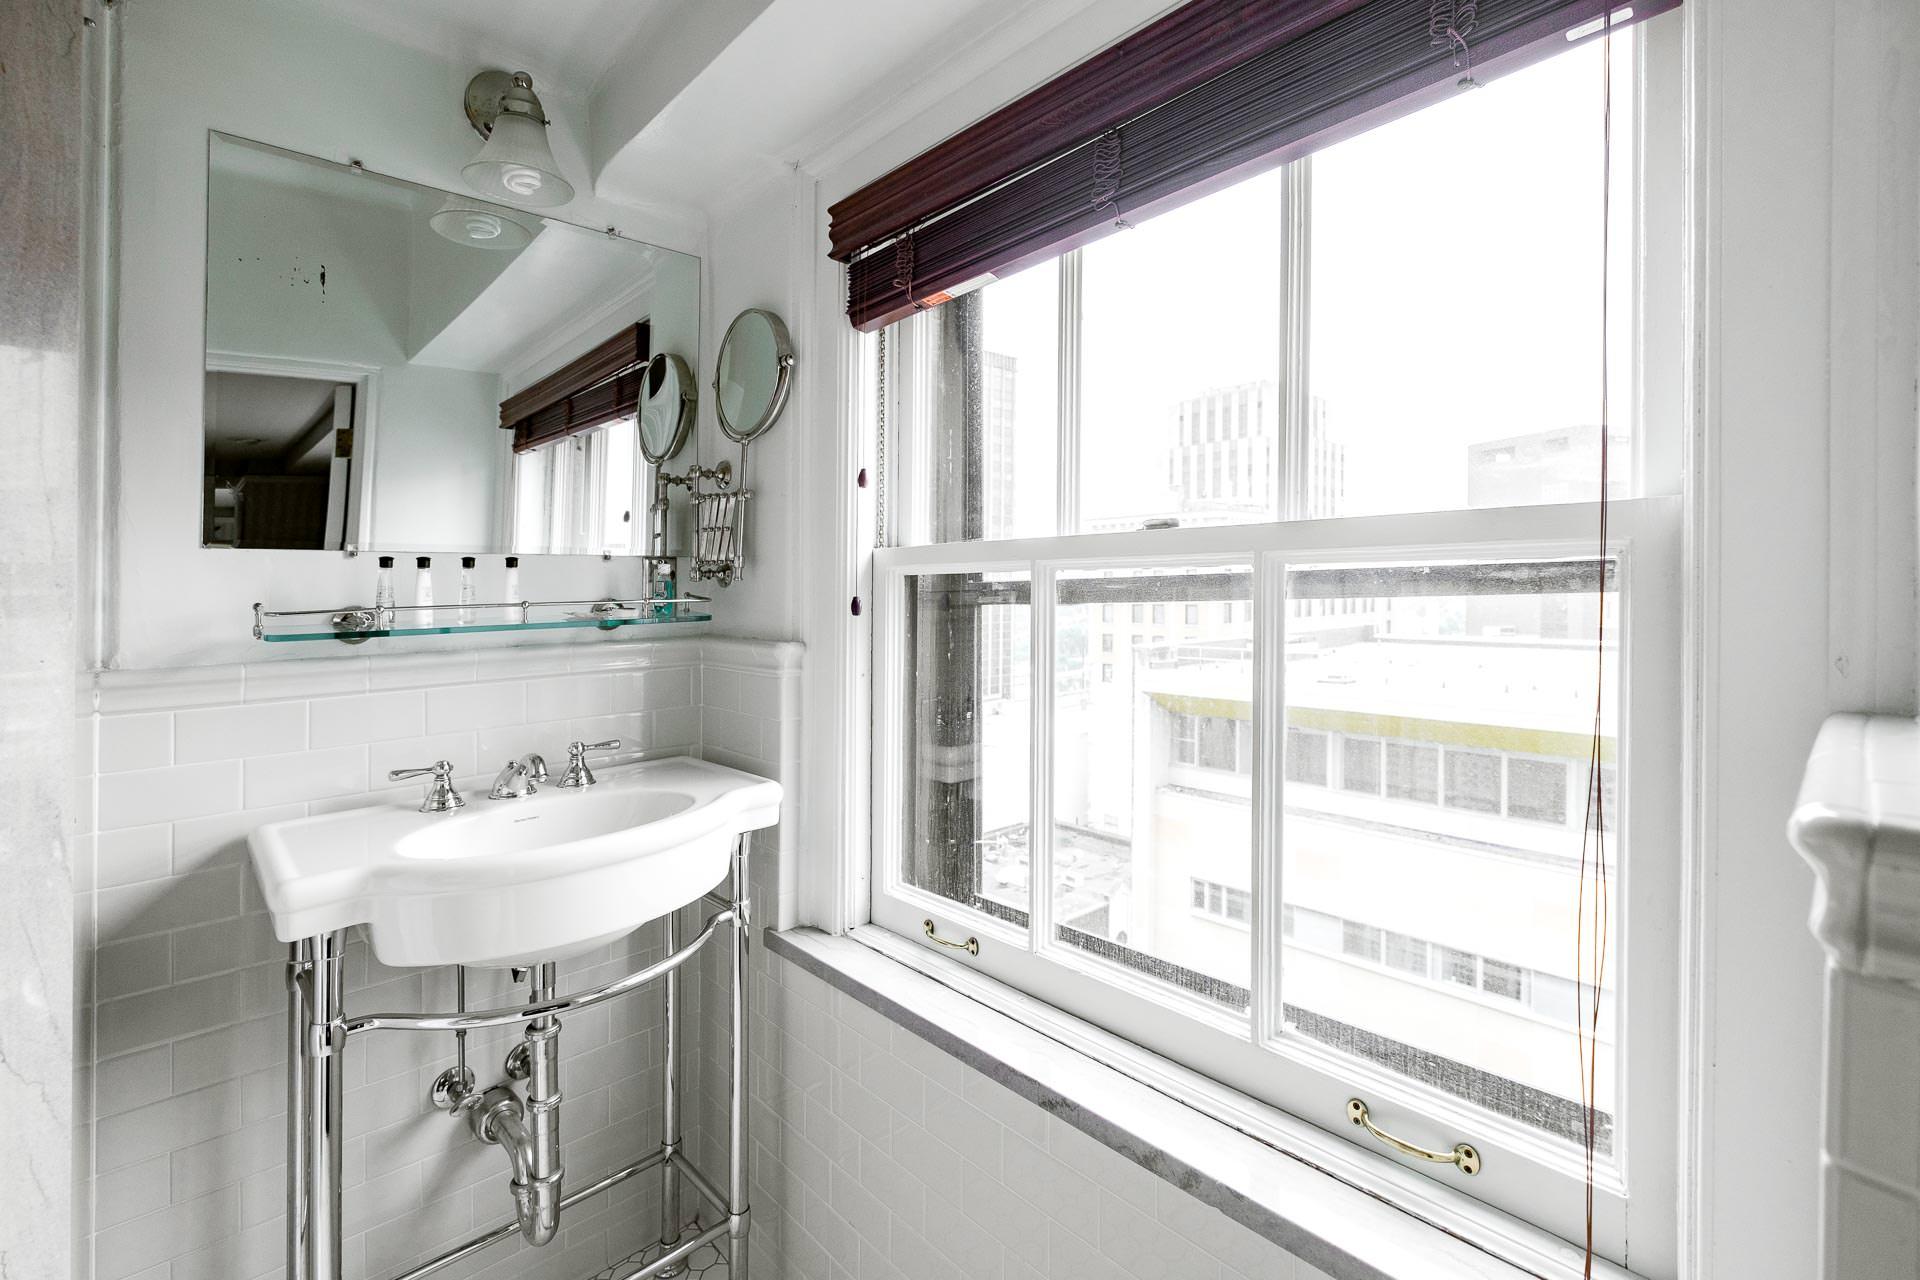 1112 Bathroom Window.jpg